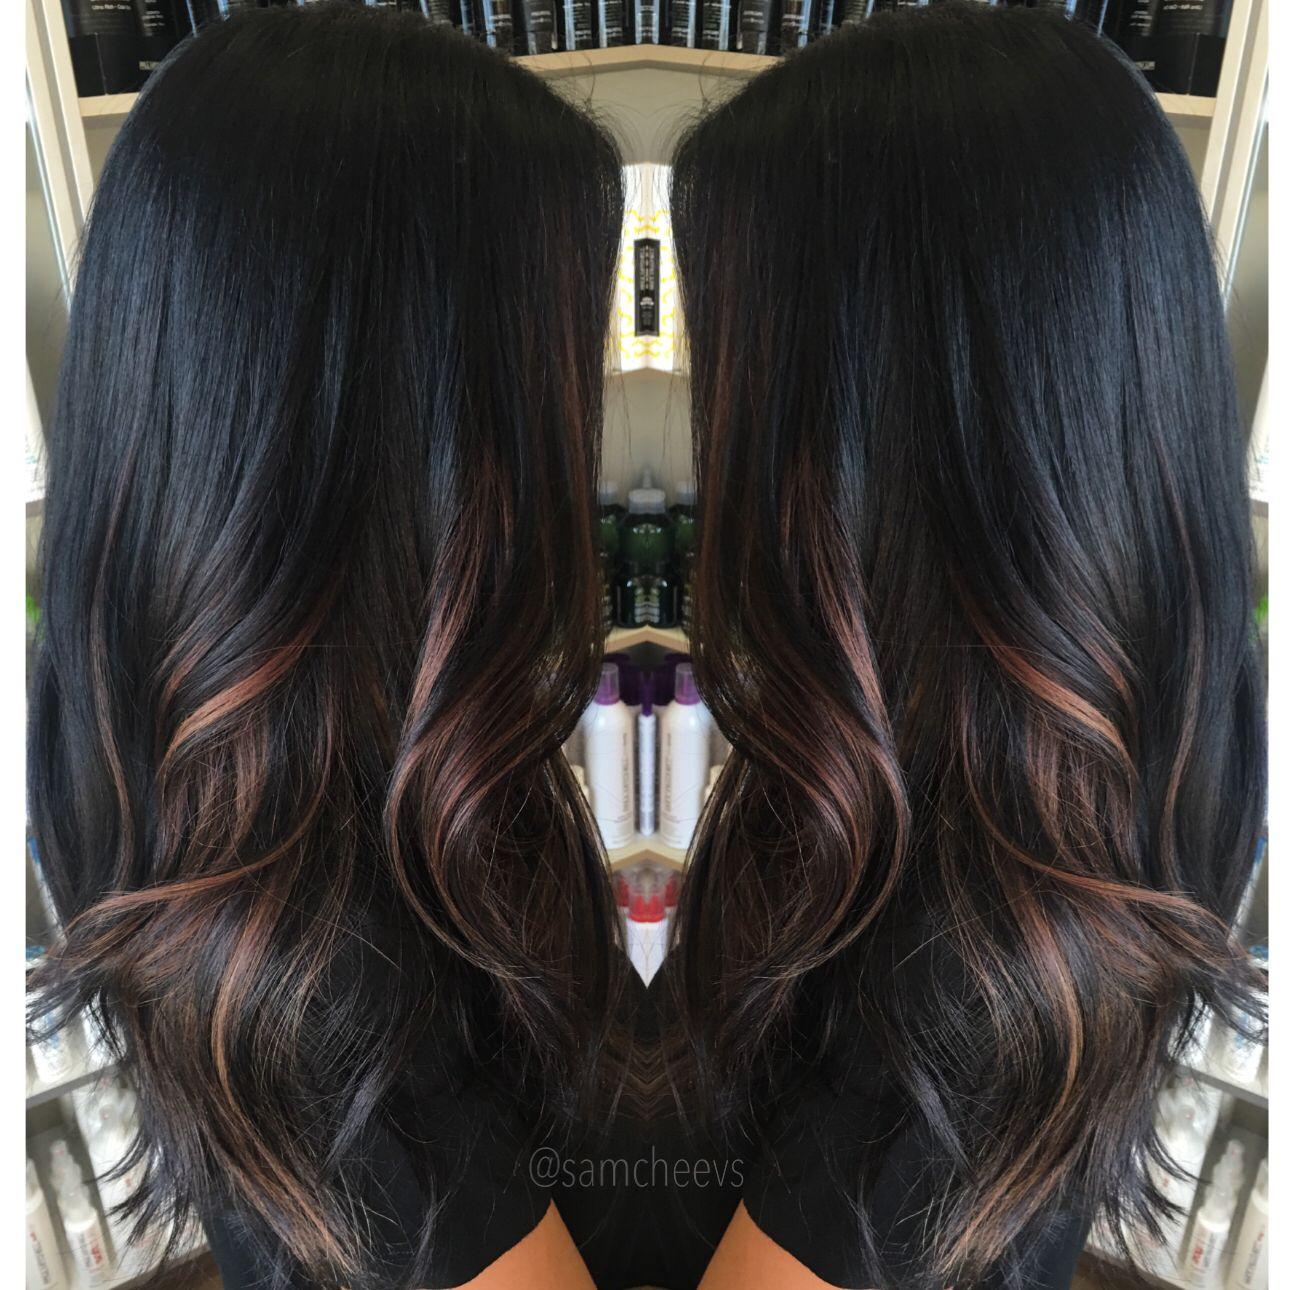 Ombre for dark hair highlights for black hair hair pinterest